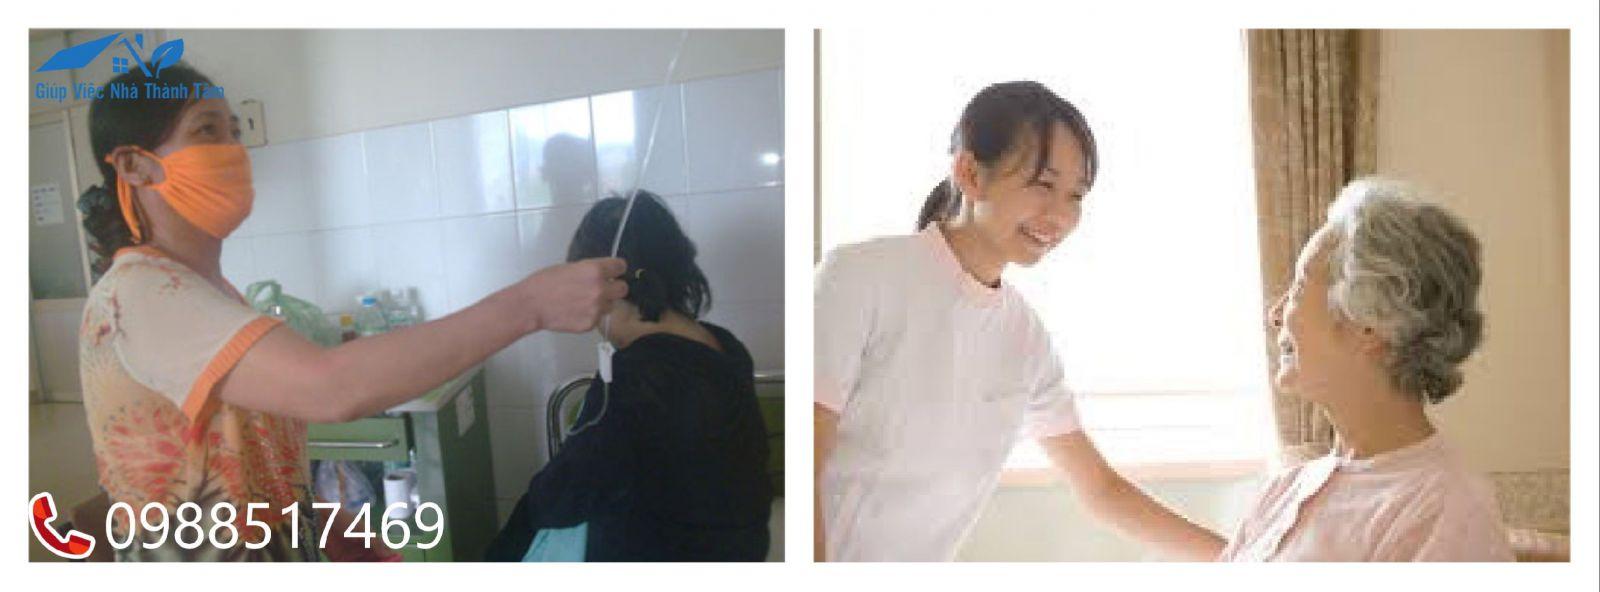 Giúp việc nhà theo giờ tại quận Phú Nhuận